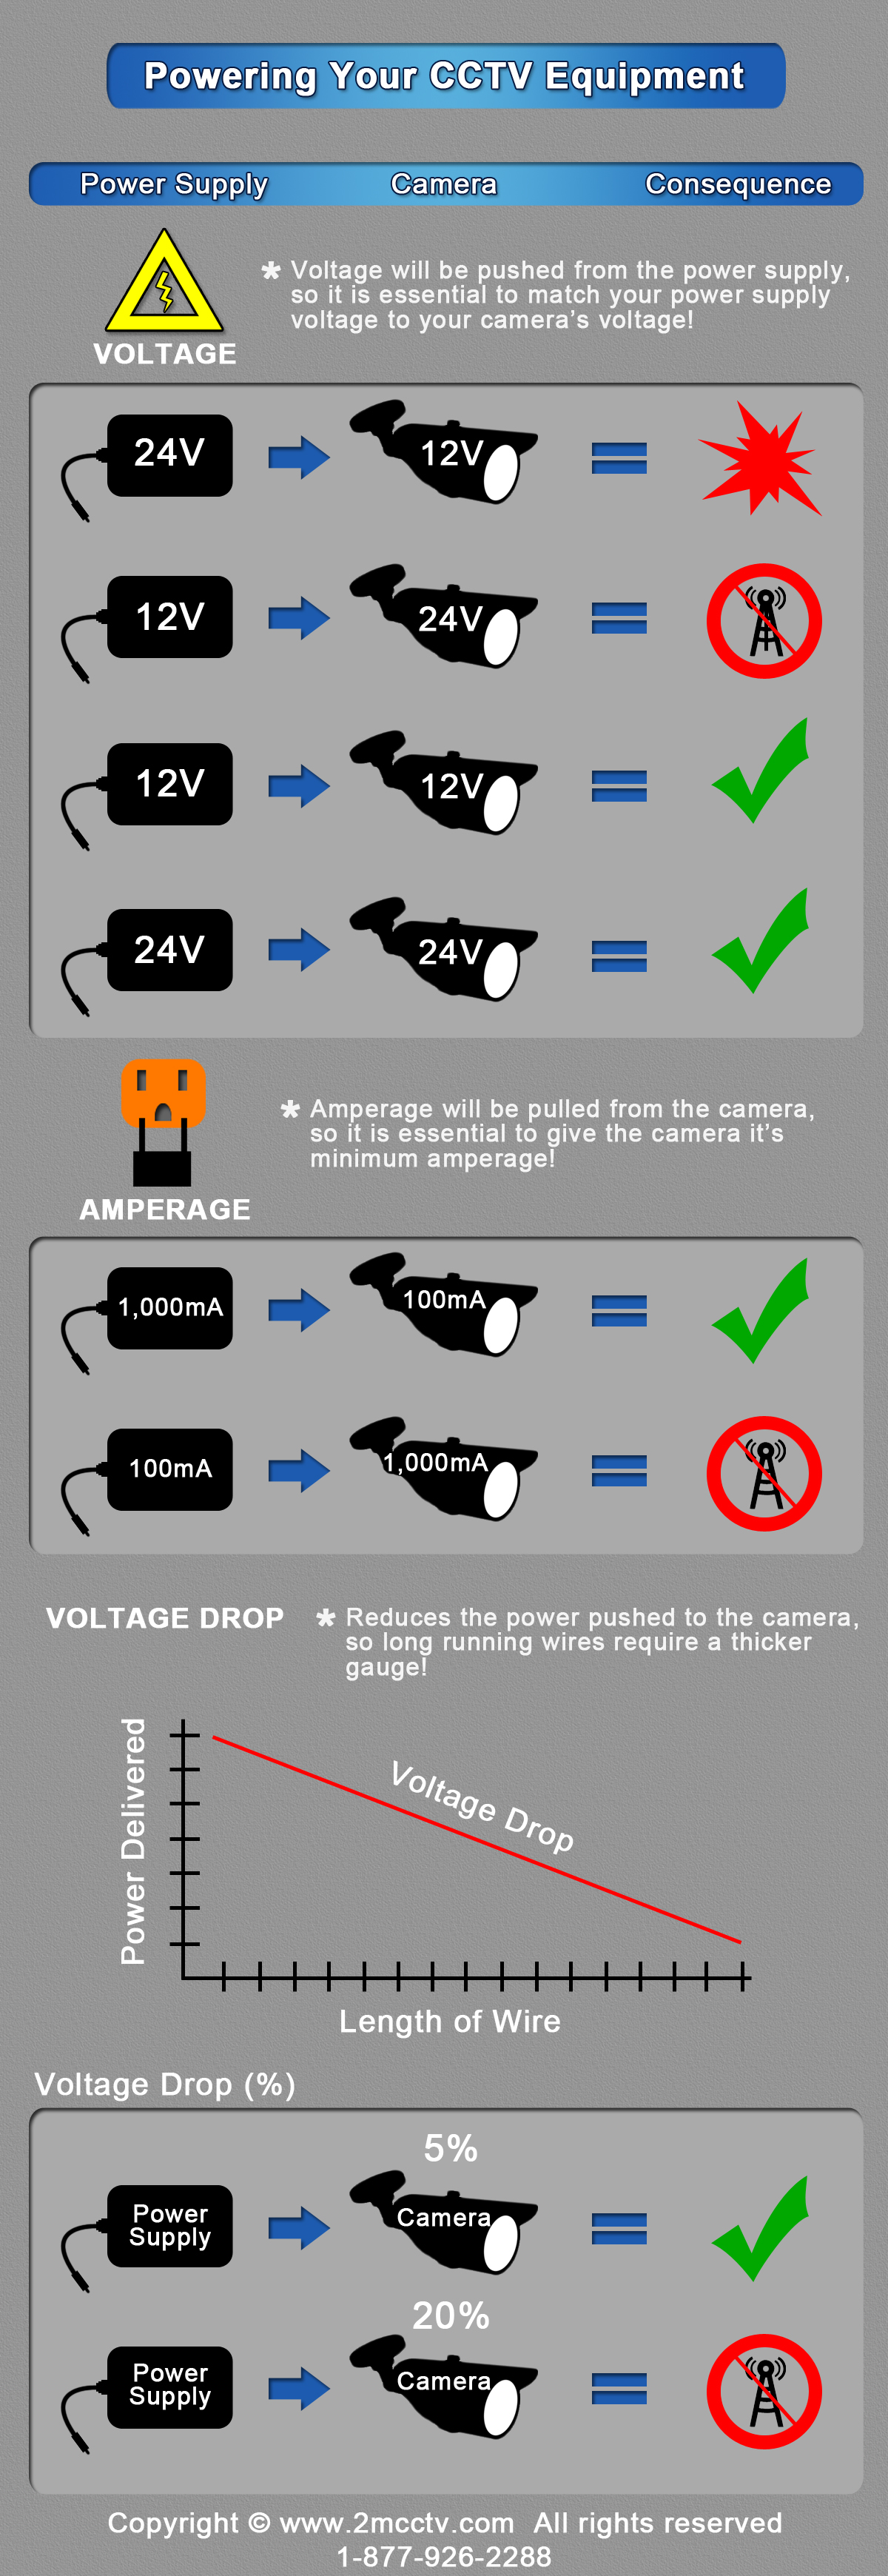 Voltage & Amperage Guide for your CCTV Cameras - Get CCTV